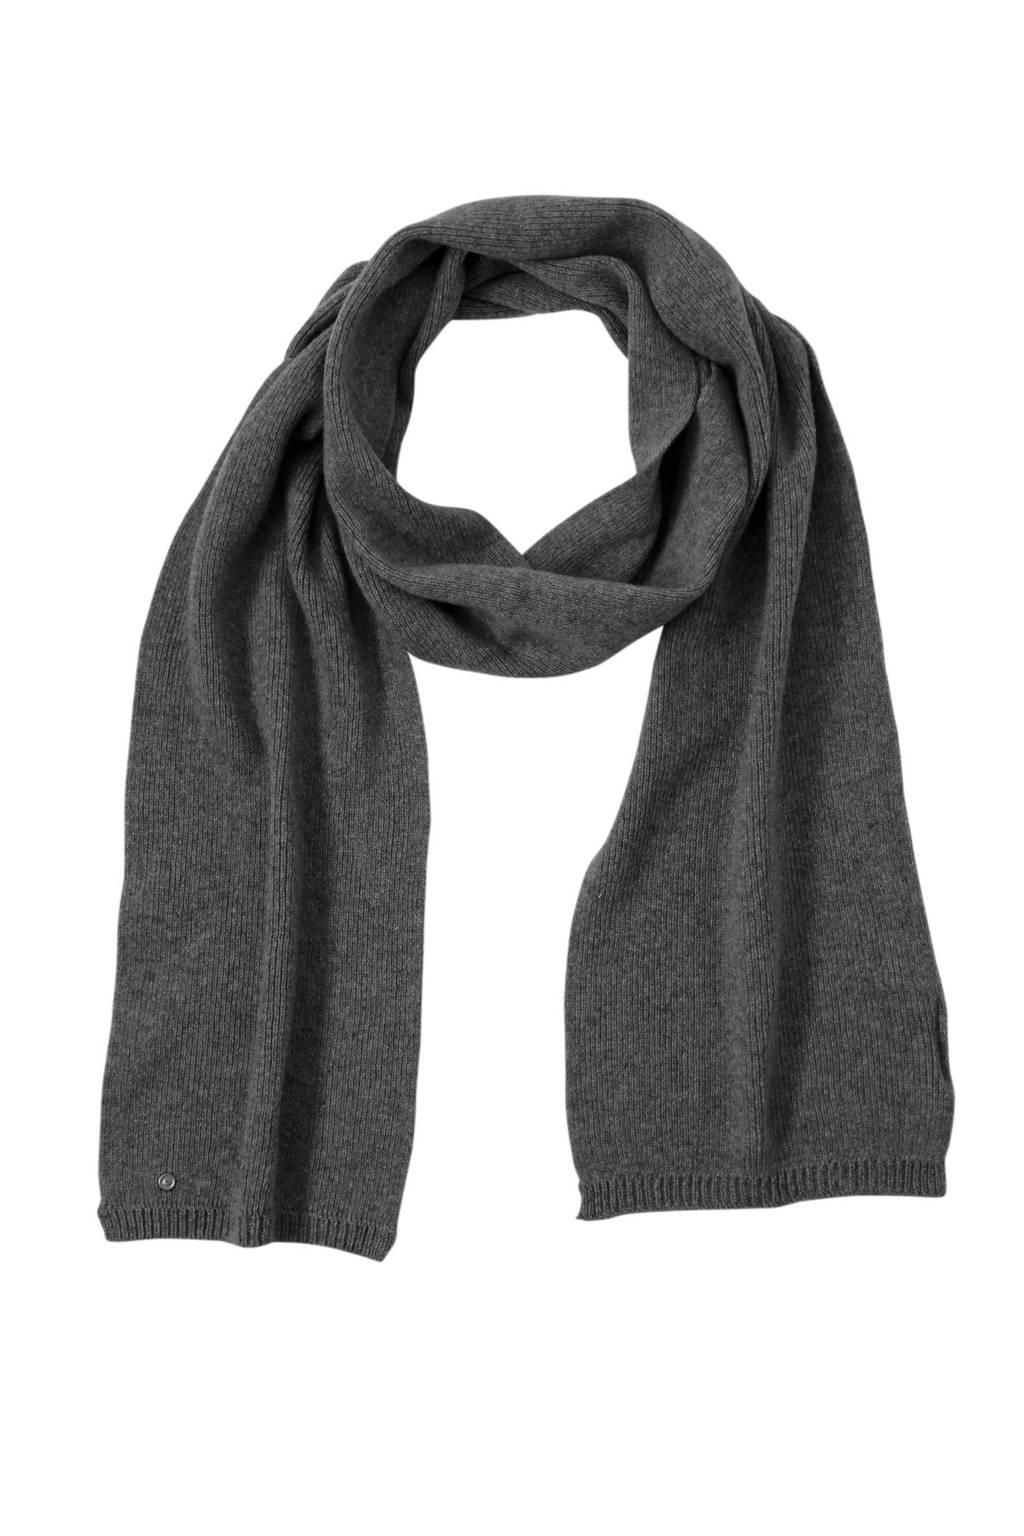 Bickley + Mitchell sjaal grijs, Grijs